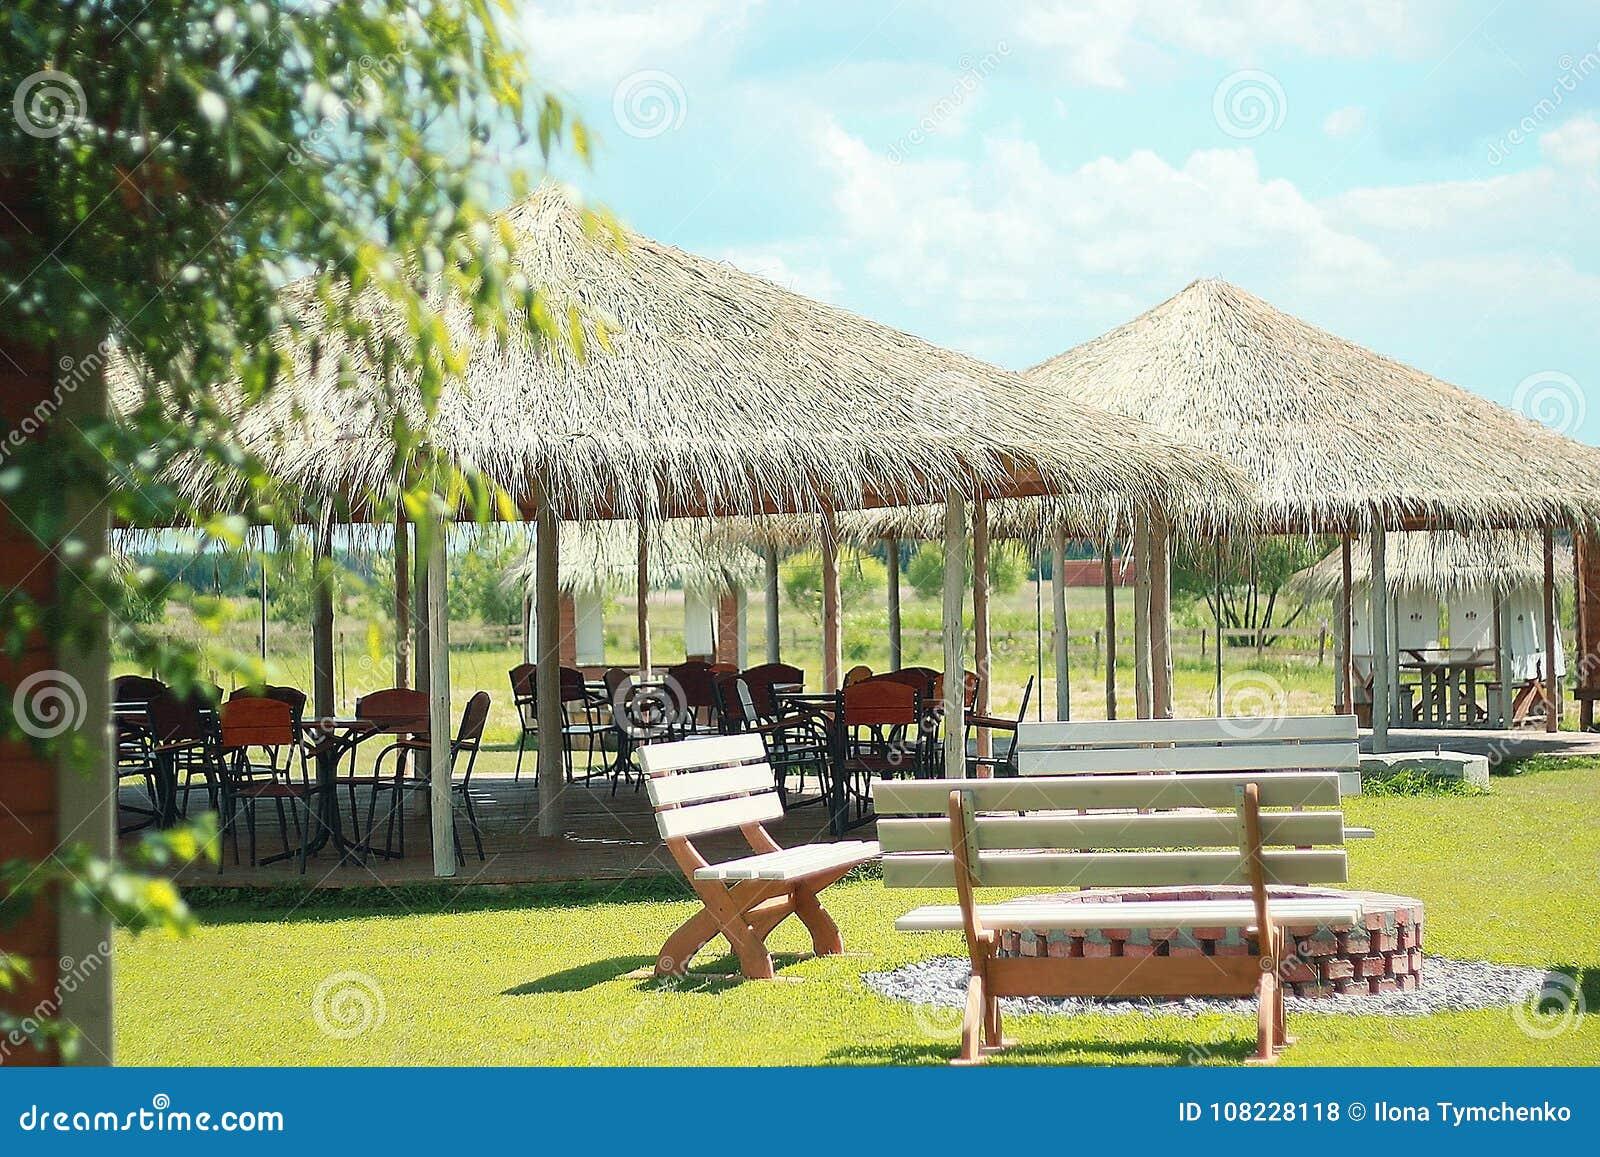 Pabellón con muebles al aire libre en hierba